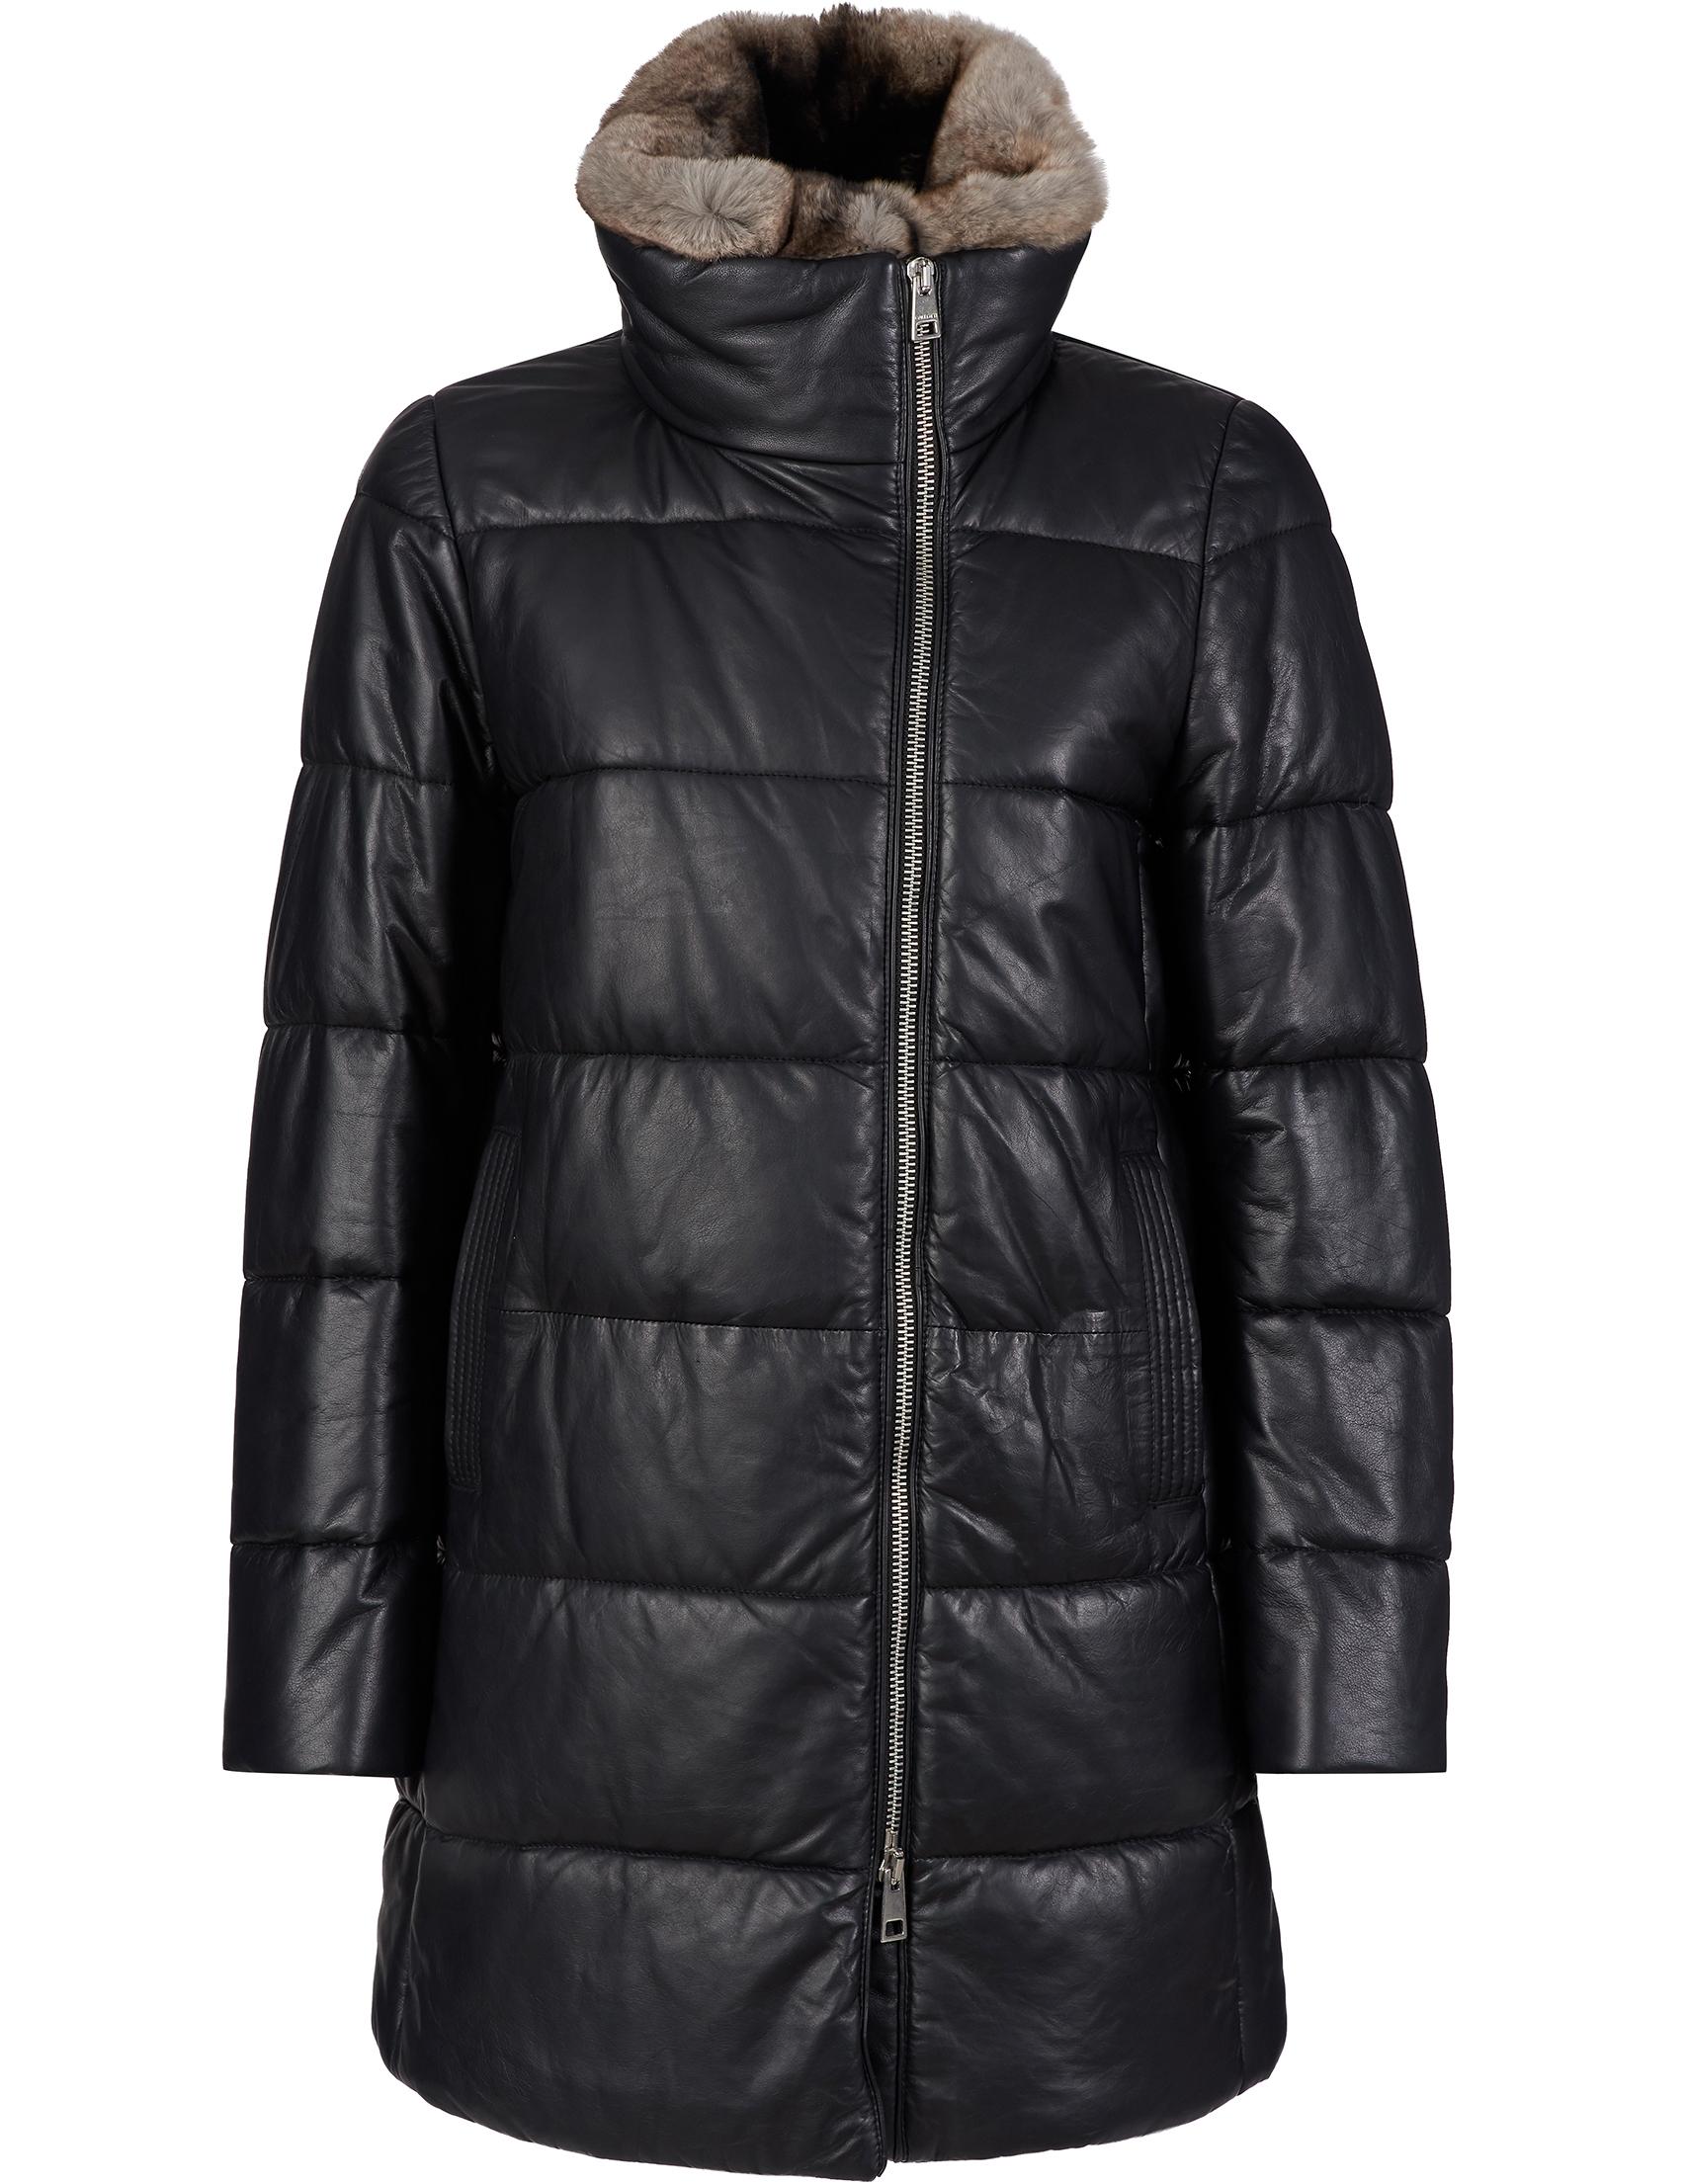 Купить Куртки, Куртка, GALLOTTI, Черный, 100%Полиэстер;100%Кроличий мех, Осень-Зима